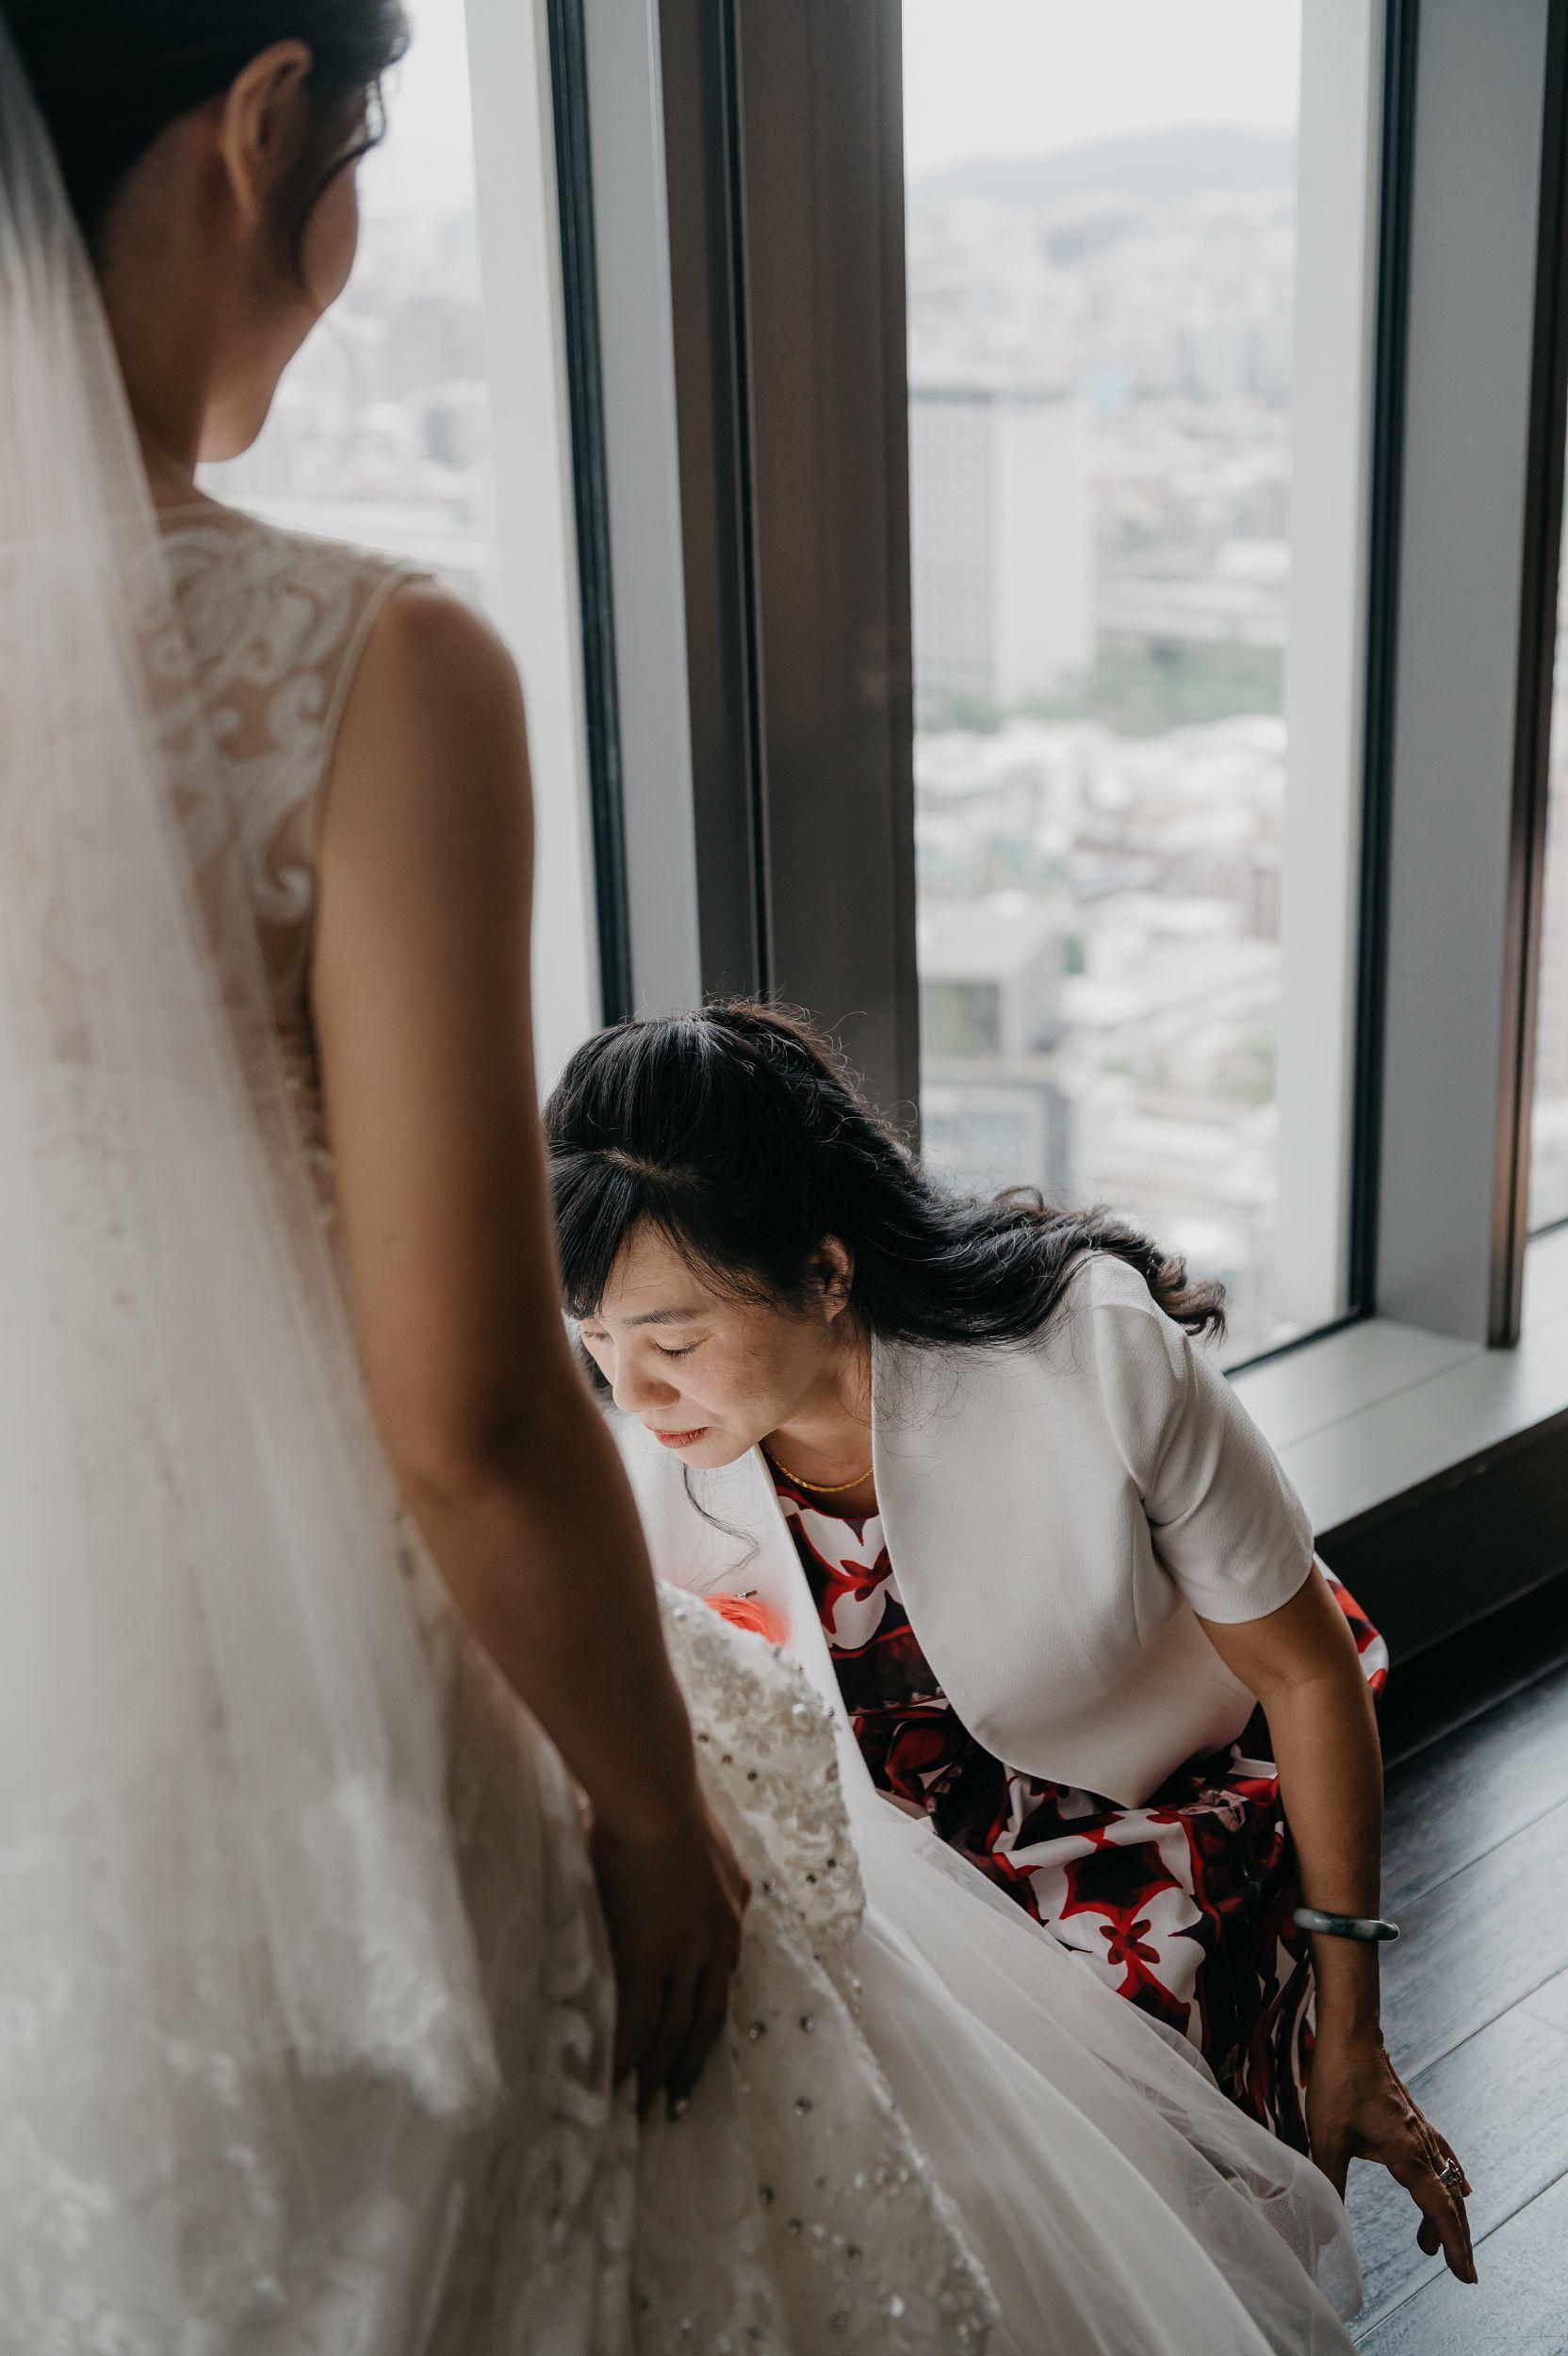 婚禮紀錄,婚攝,雙人雙機,雙主攝,風雲20,新娘物語推薦,台北婚攝,whotel,新秘,造型,文定儀式,迎娶,闖關,拜別,類婚紗,儀式引導,